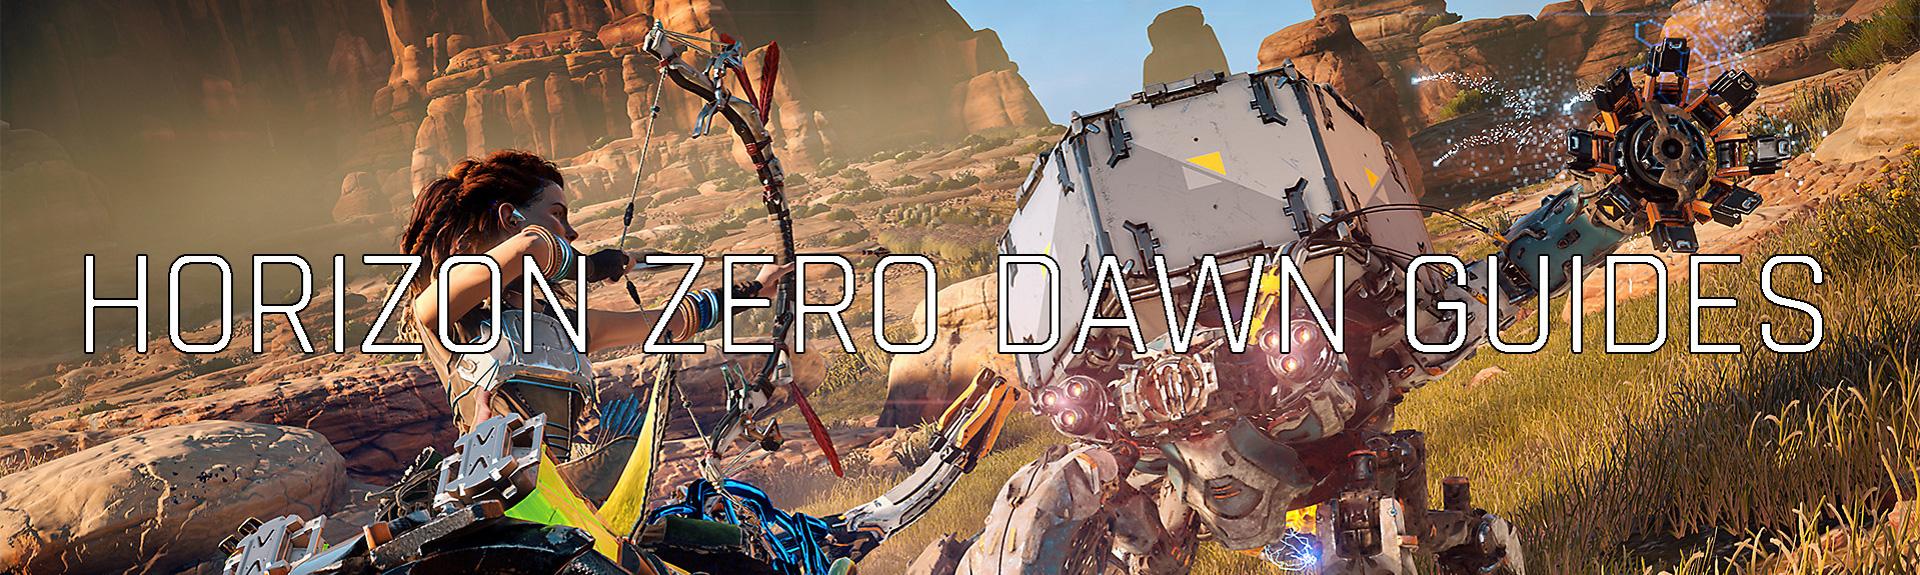 Horizon Zero Dawn guides